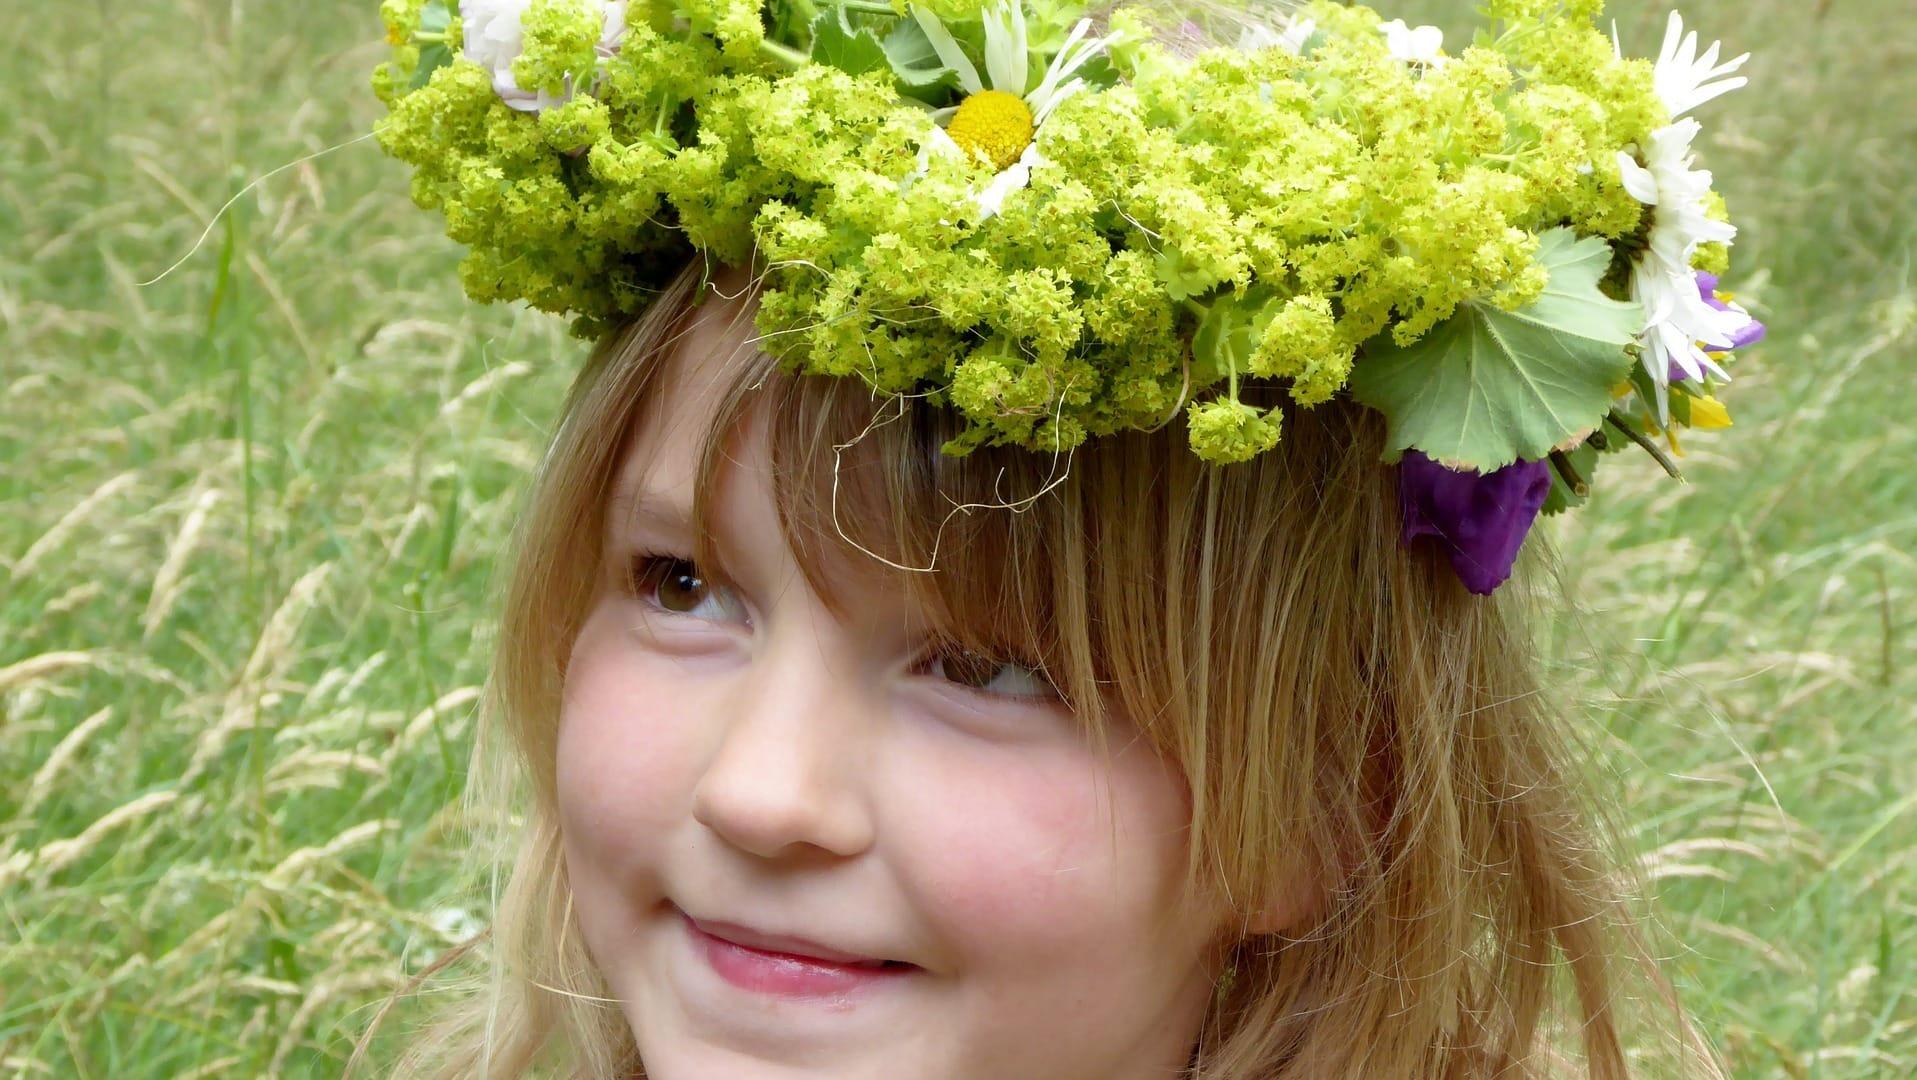 Unverheiratete Frauen tragen an Mittsommer einen Blumenkranz und träumen von ihrem Zukünftigen.